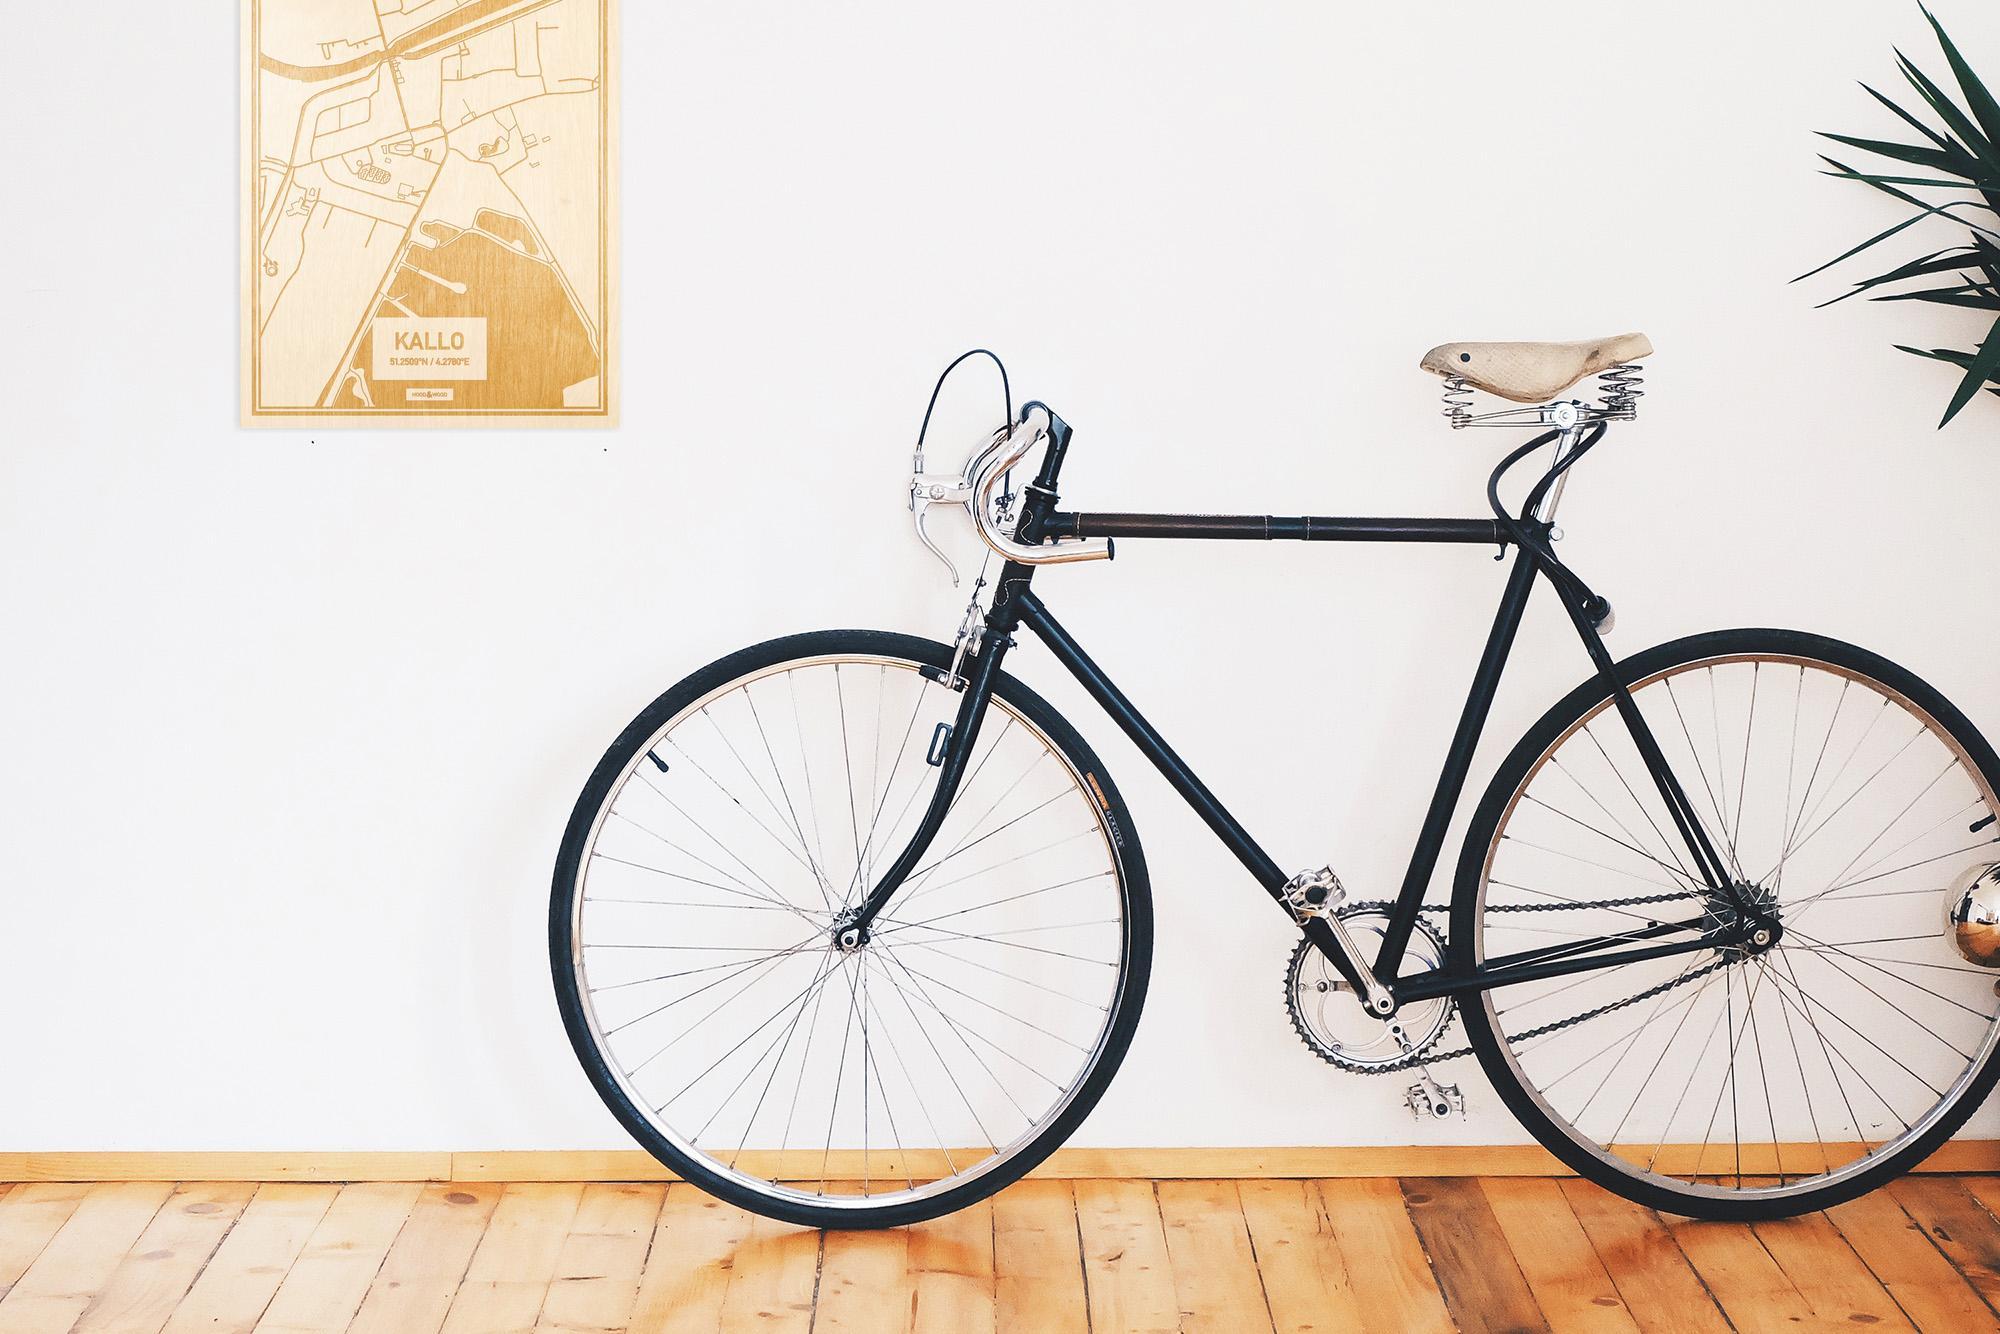 Een snelle fiets in een uniek interieur in Oost-Vlaanderen  met mooie decoratie zoals de plattegrond Kallo.